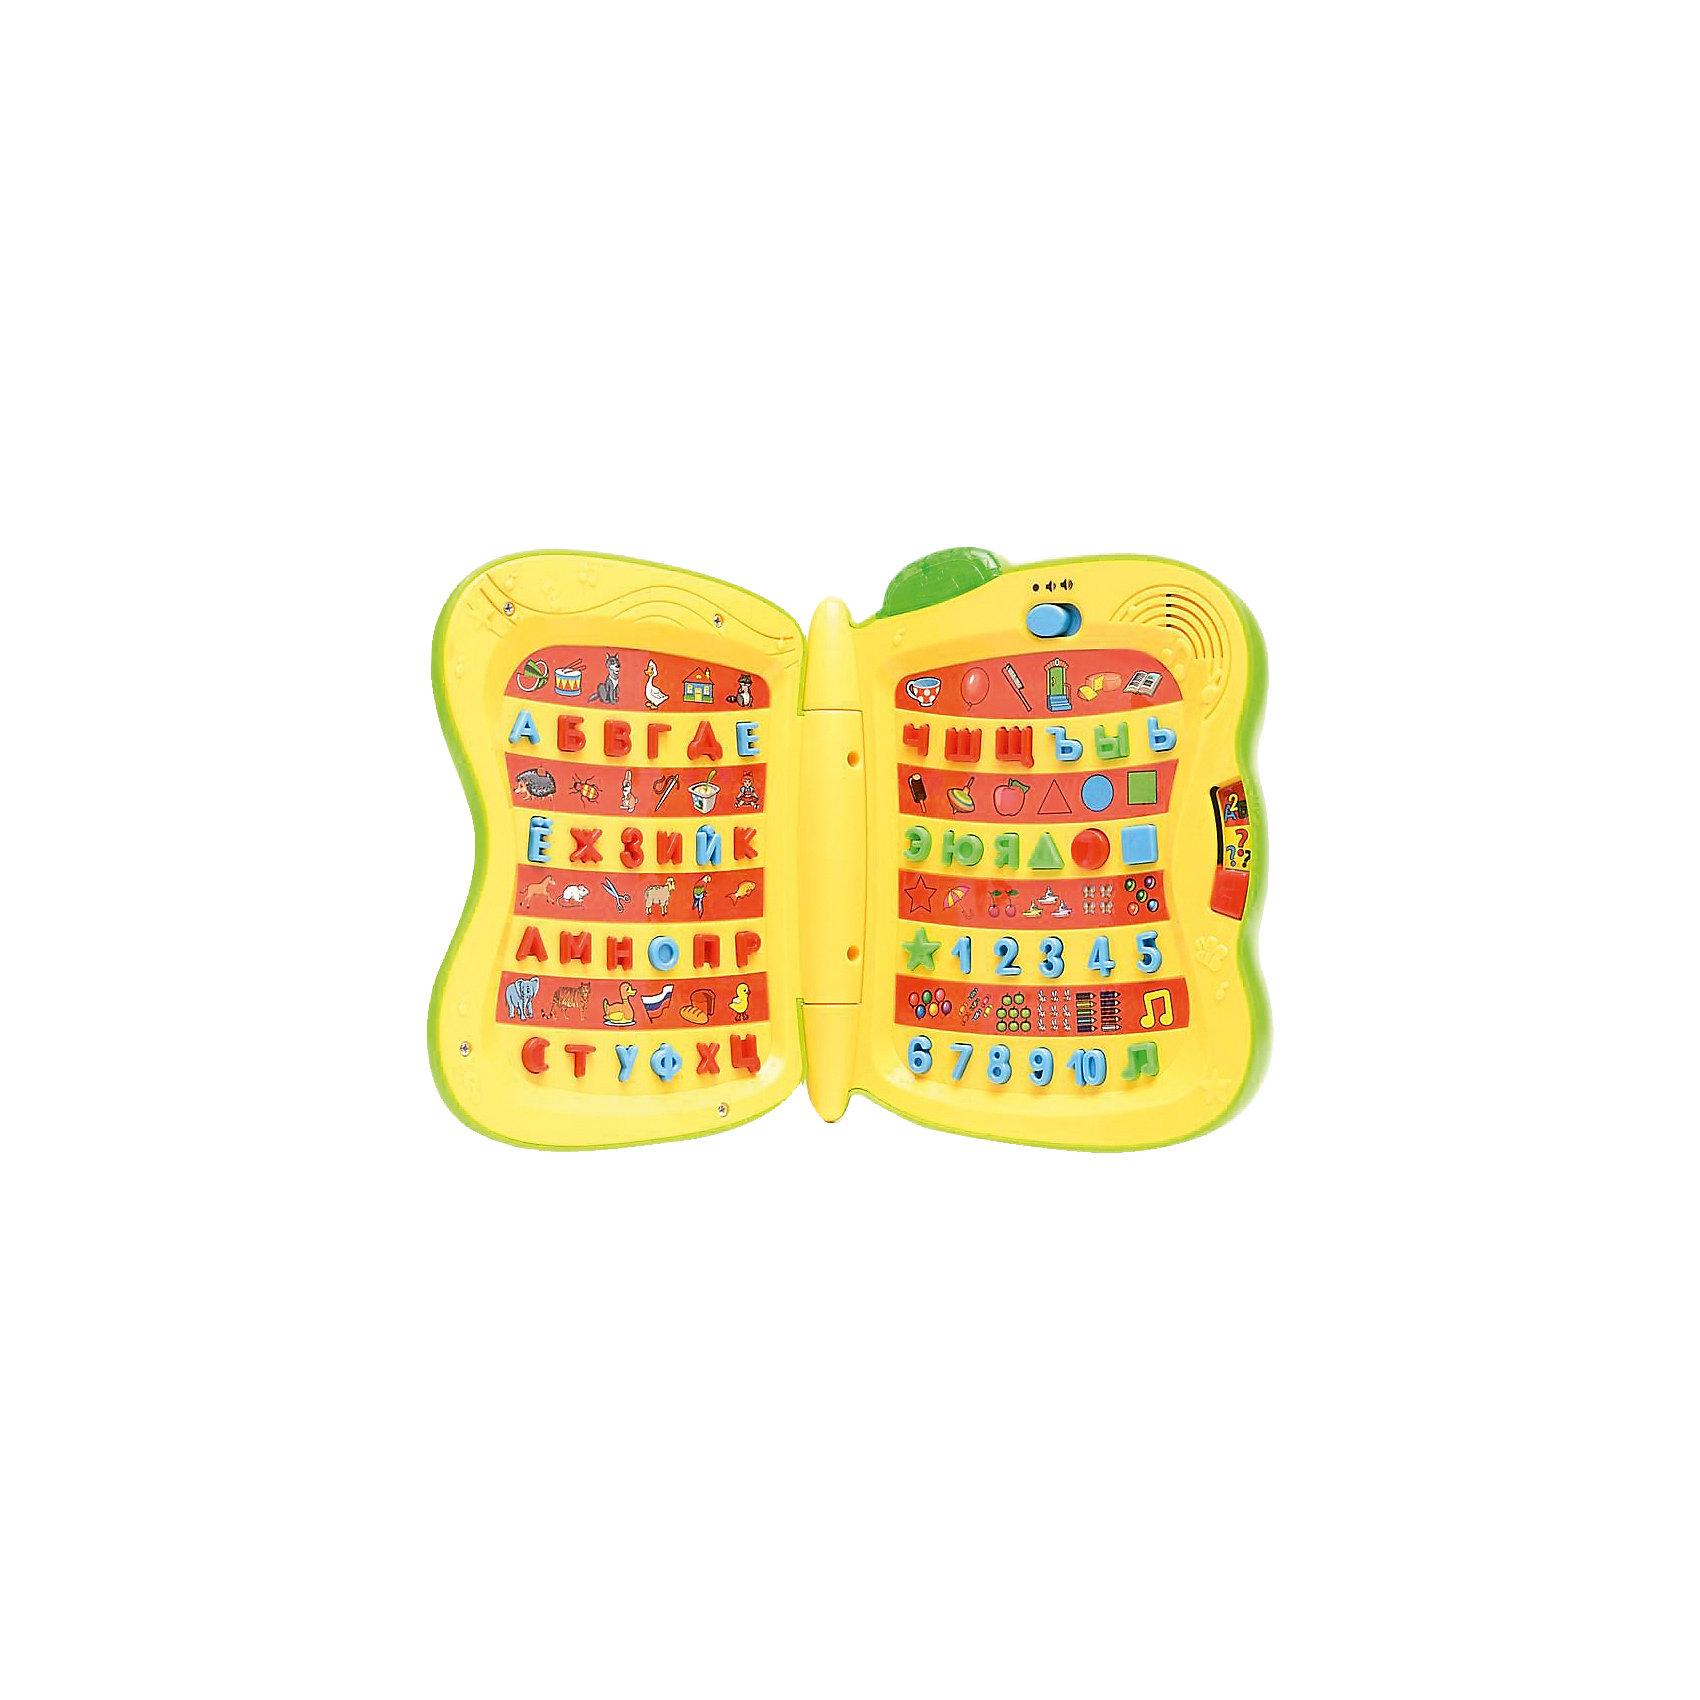 Обучающая книга Винни-Пуха, со светом и звуком, 9 программ, Умка, ЗеленыйОбучающая книга Винни-Пуха, со светом и звуком - кладезь знаний и увлекательное пособие для малышей. Книжка яркая и озвучена профессиональными актерами! В режиме «обучение», ребёнок услышит названия цифр, фигур и букв. В режиме «экзамен», малыш закрепит полученные знания. В режиме «стихи», ребёнок услышит стихотворения, которые помогут лучше усвоить знания. А песенка из любимого мультфильма про Винни Пуха поможет развлечься! Игрушка способствует развитию речи, внимания, памяти, визуального и слухового восприятия.  Играй, учись, развивайся!  Дополнительная информация:  - 9 обучающих программ; - 47 стихотворений про буквы, цифры, фигуры; - В игровой форме поможет выучить: буквы, цифры, слова, звуки, фигуры, вопросы, ноты; - Яркий дизайн; - Понравится поклонникам мультфильма про Винни Пуха; - Световые кнопки; - Озвучена профессиональными актерами; - Батарейки 3 х АА входят в комплект; - Размер игрушки: 30 х 17,5 х 2 см; - Вес: 740 г   Обучающую книгу Винни-Пуха, со светом и звуком, 9 программ, Умка можно купить в нашем интернет-магазине.<br><br>Ширина мм: 250<br>Глубина мм: 340<br>Высота мм: 60<br>Вес г: 742<br>Возраст от месяцев: 12<br>Возраст до месяцев: 60<br>Пол: Унисекс<br>Возраст: Детский<br>SKU: 4838286